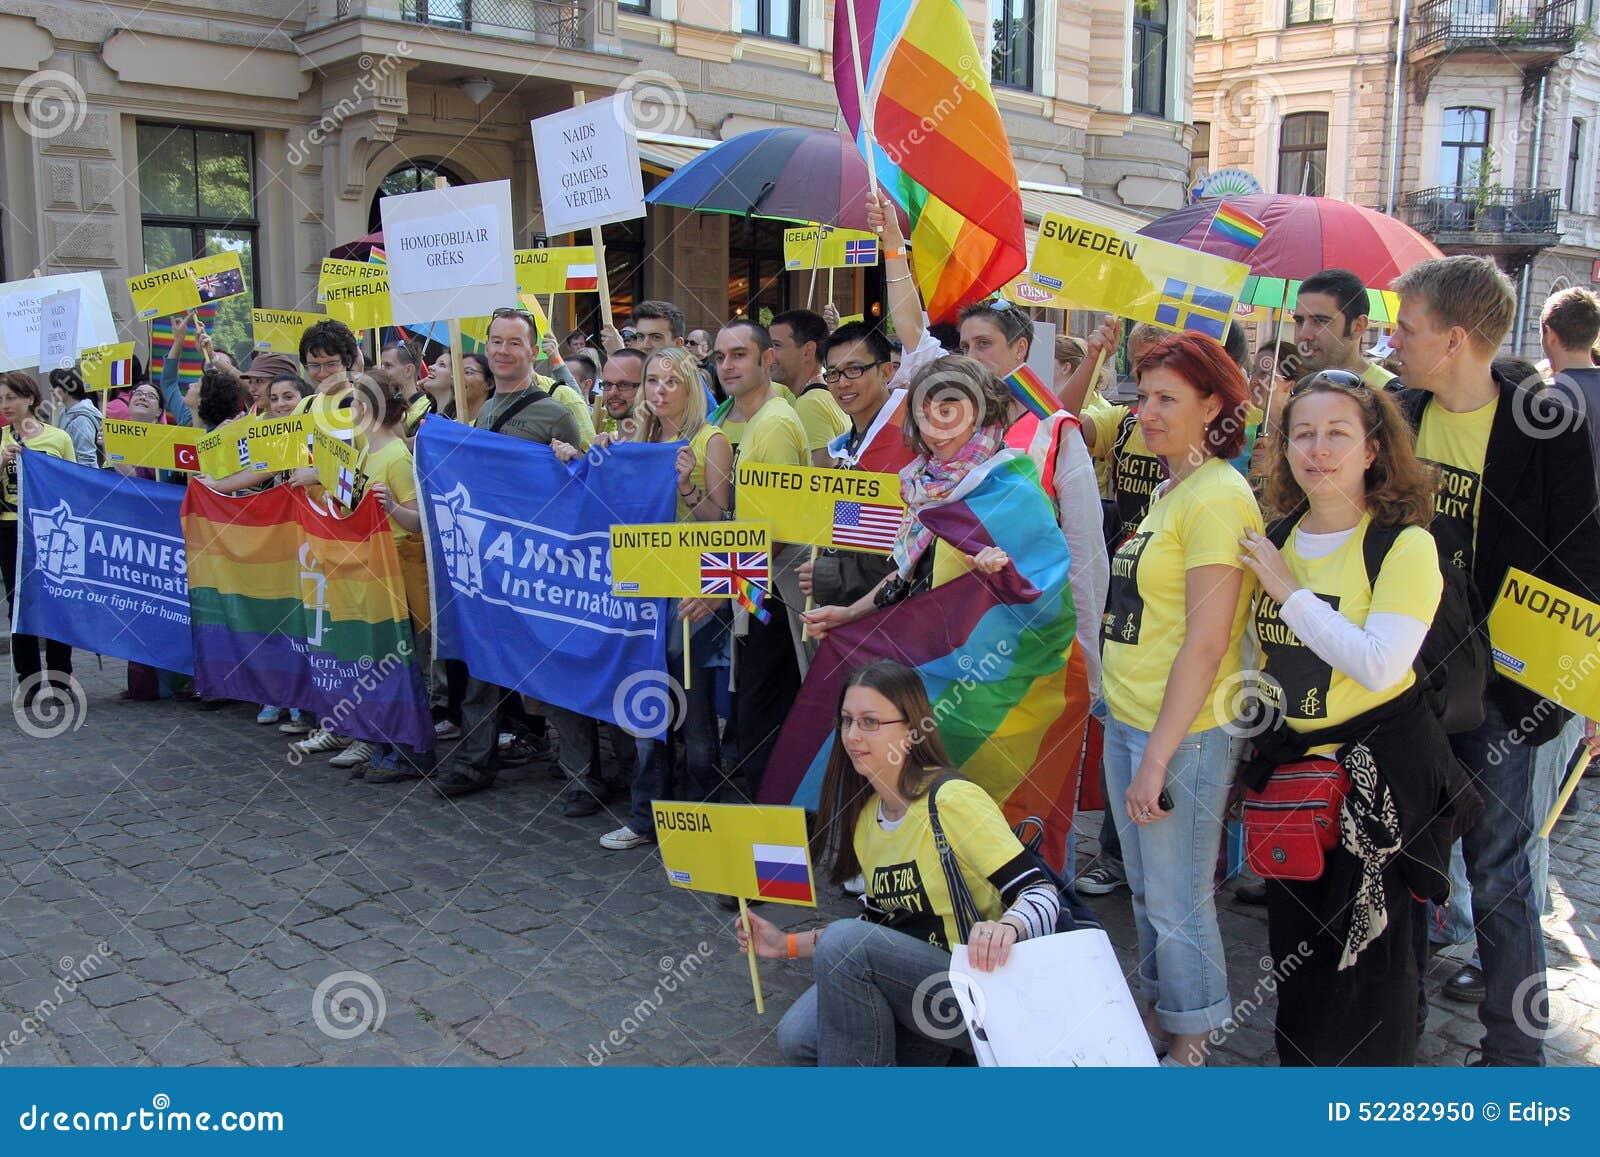 Latvia riga gay